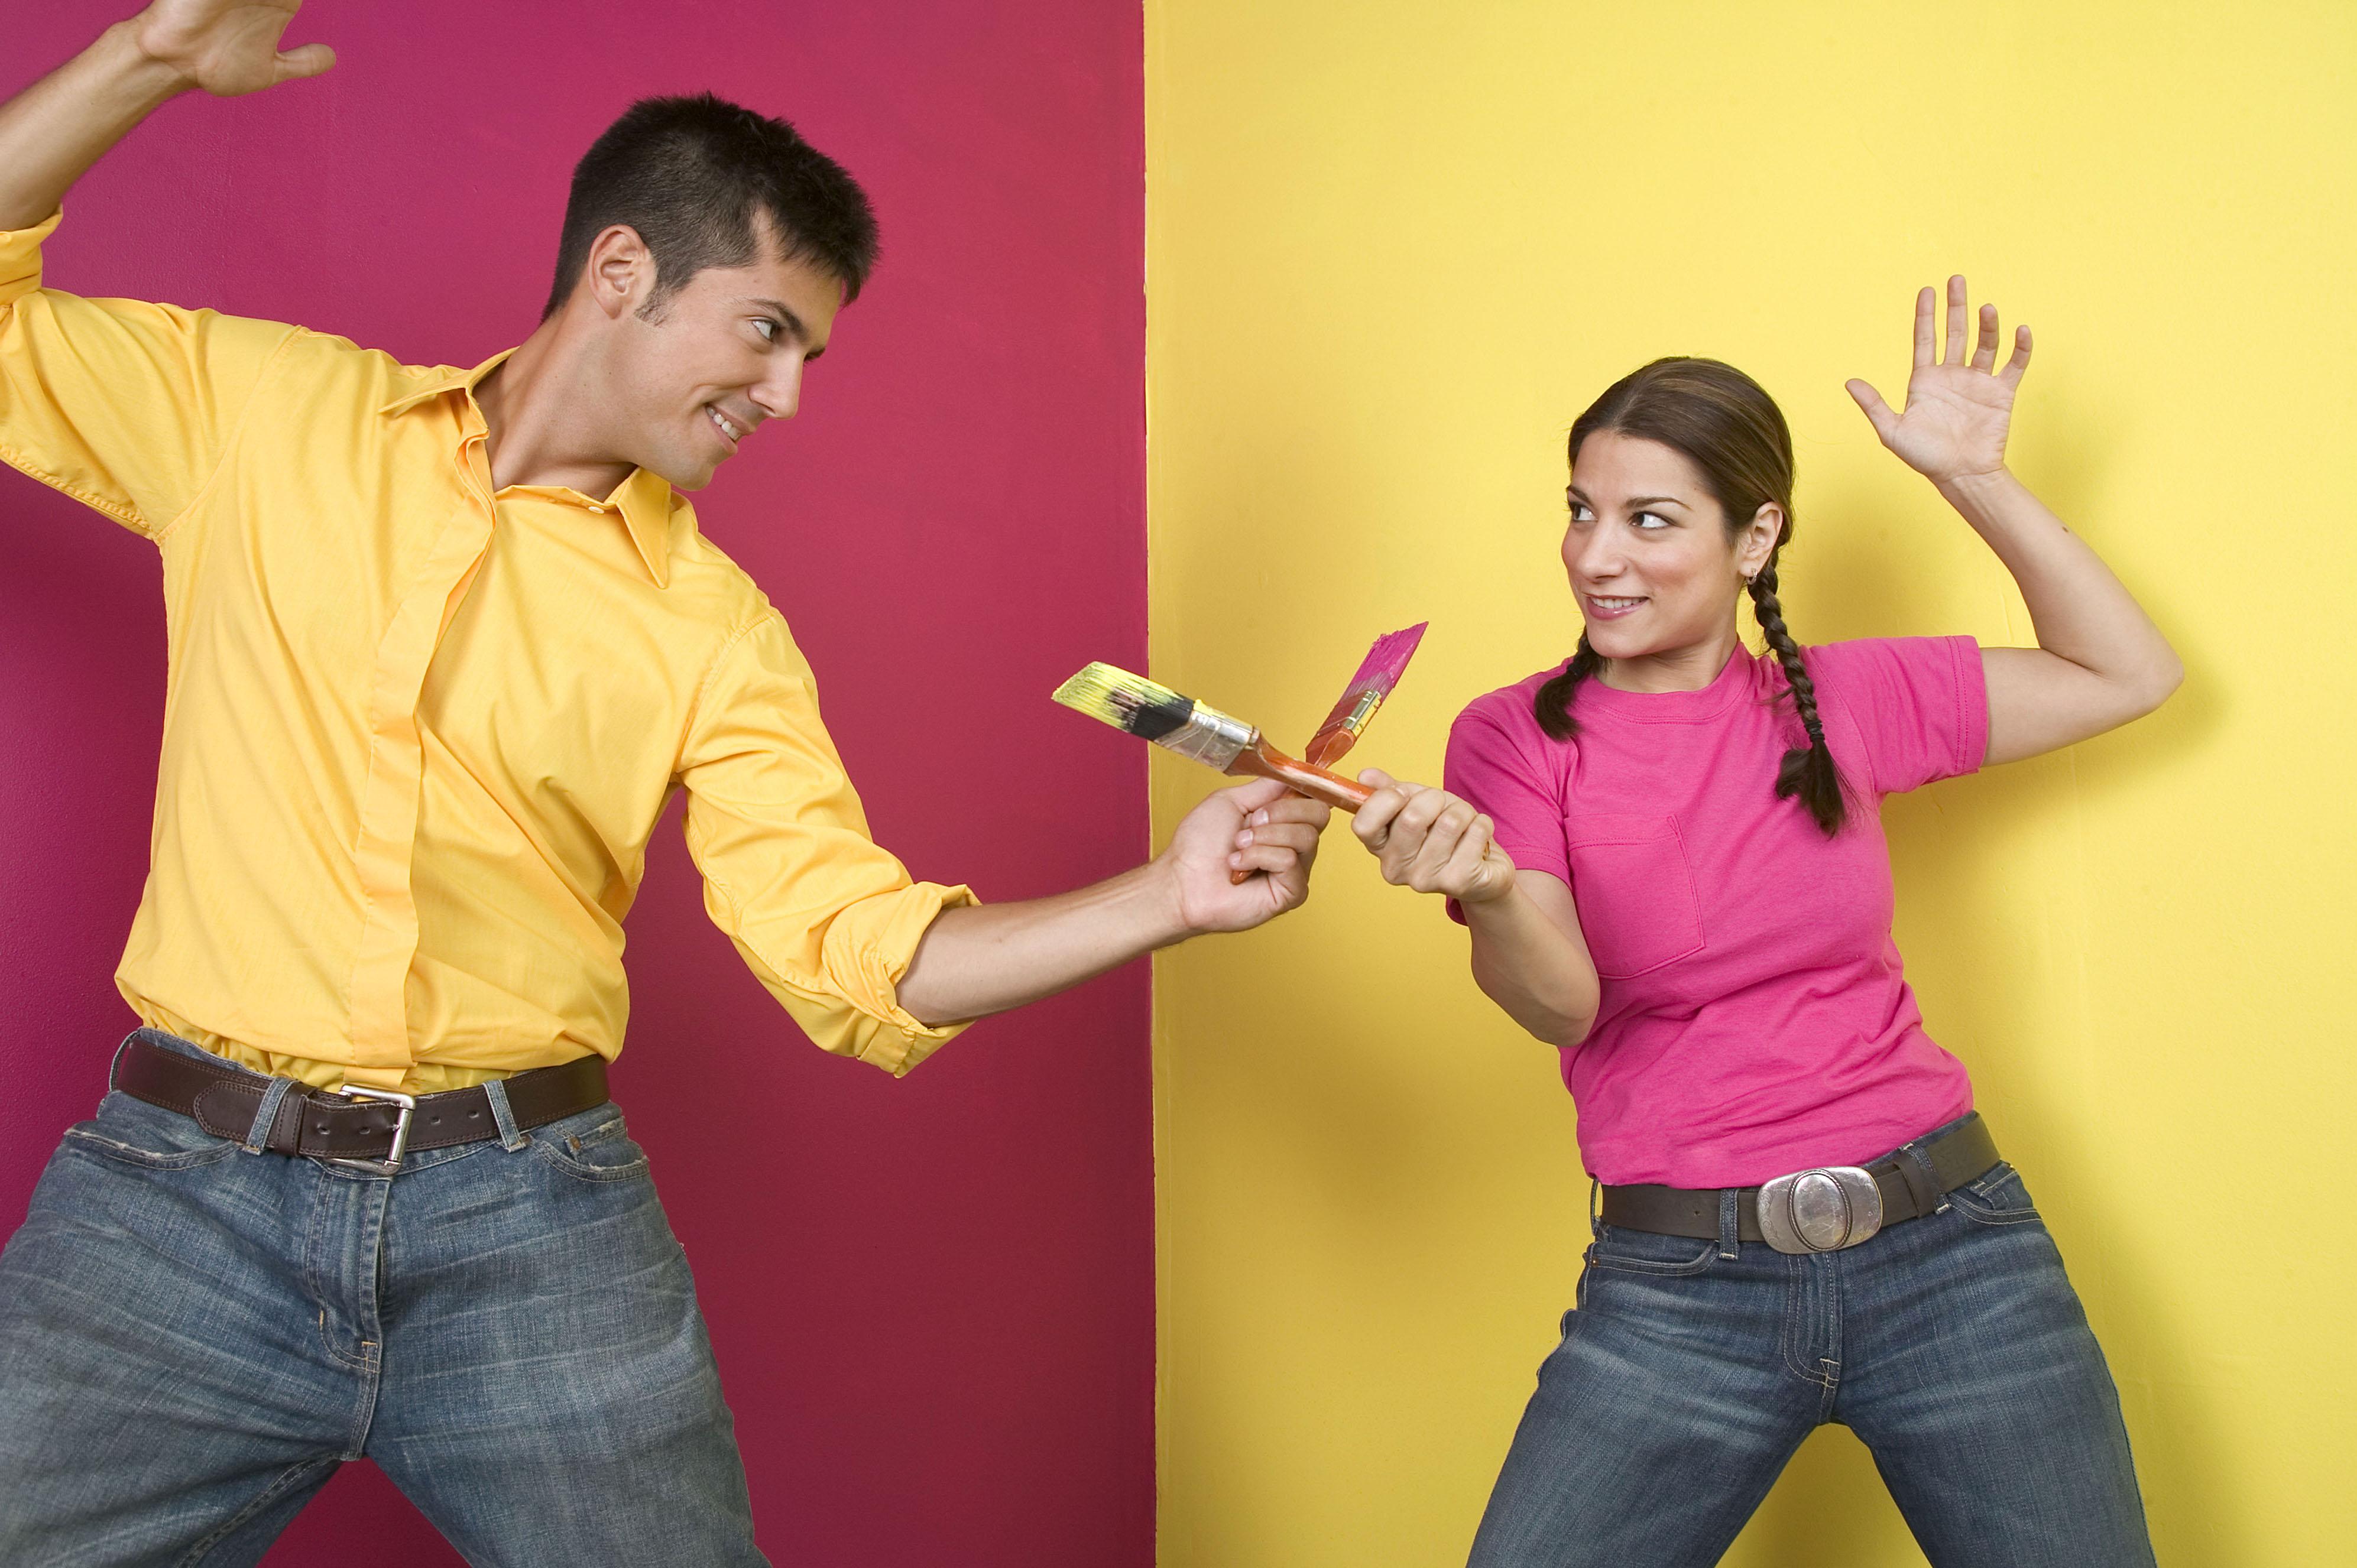 Смешные картинки муж с женой делают ремонт, днем